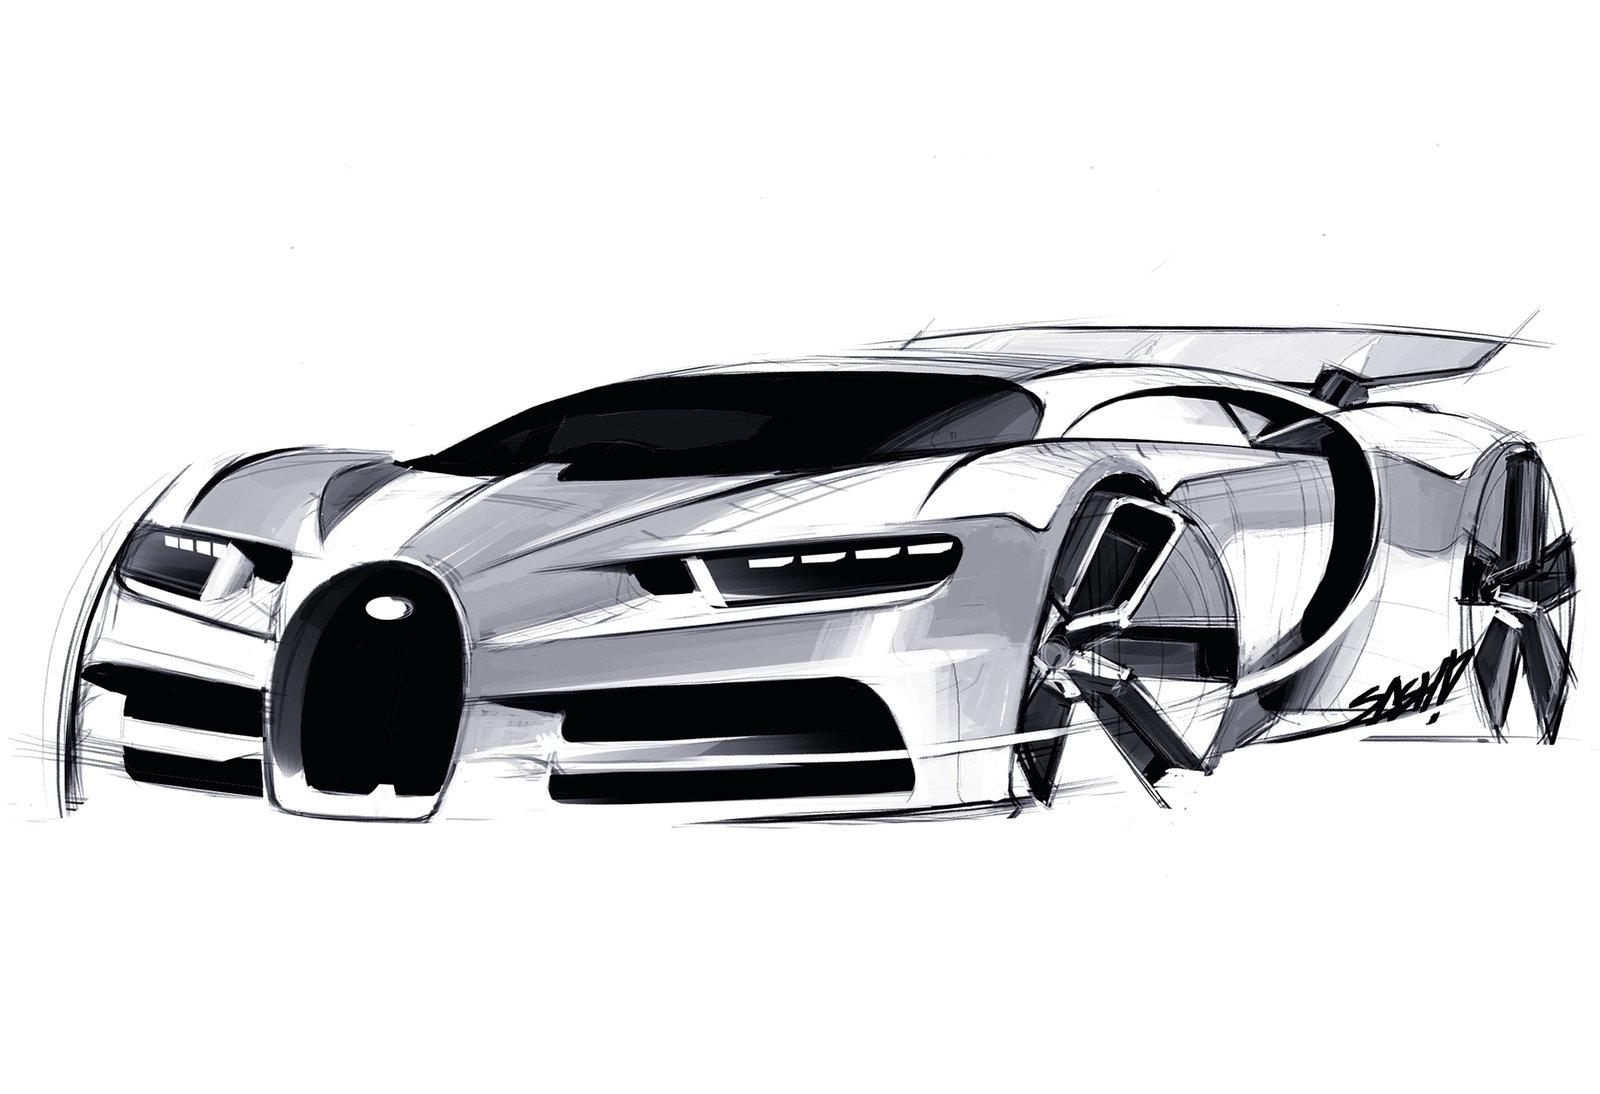 Bugatti Chiron Wallpaper For Windows